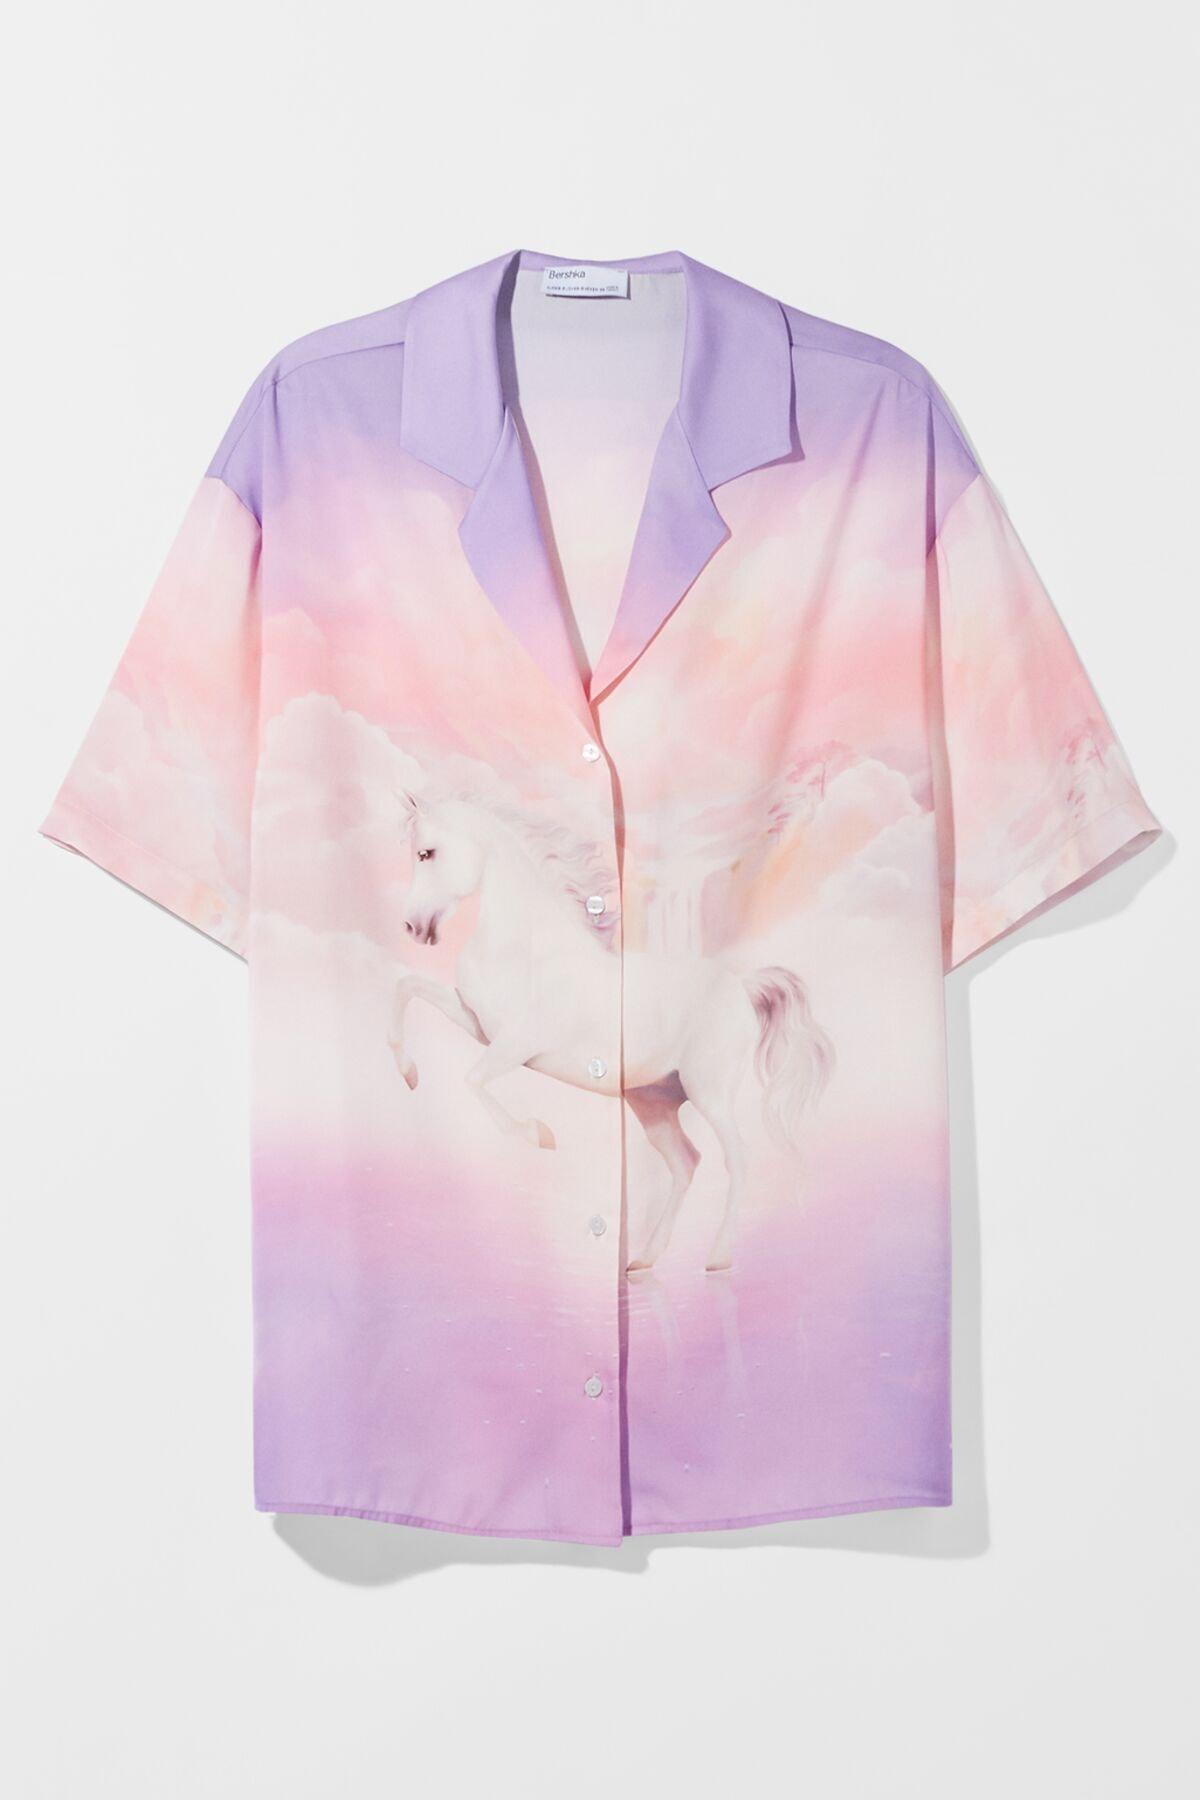 Bershka Kadın Mor Saten Unicorn Oversize Gömlek